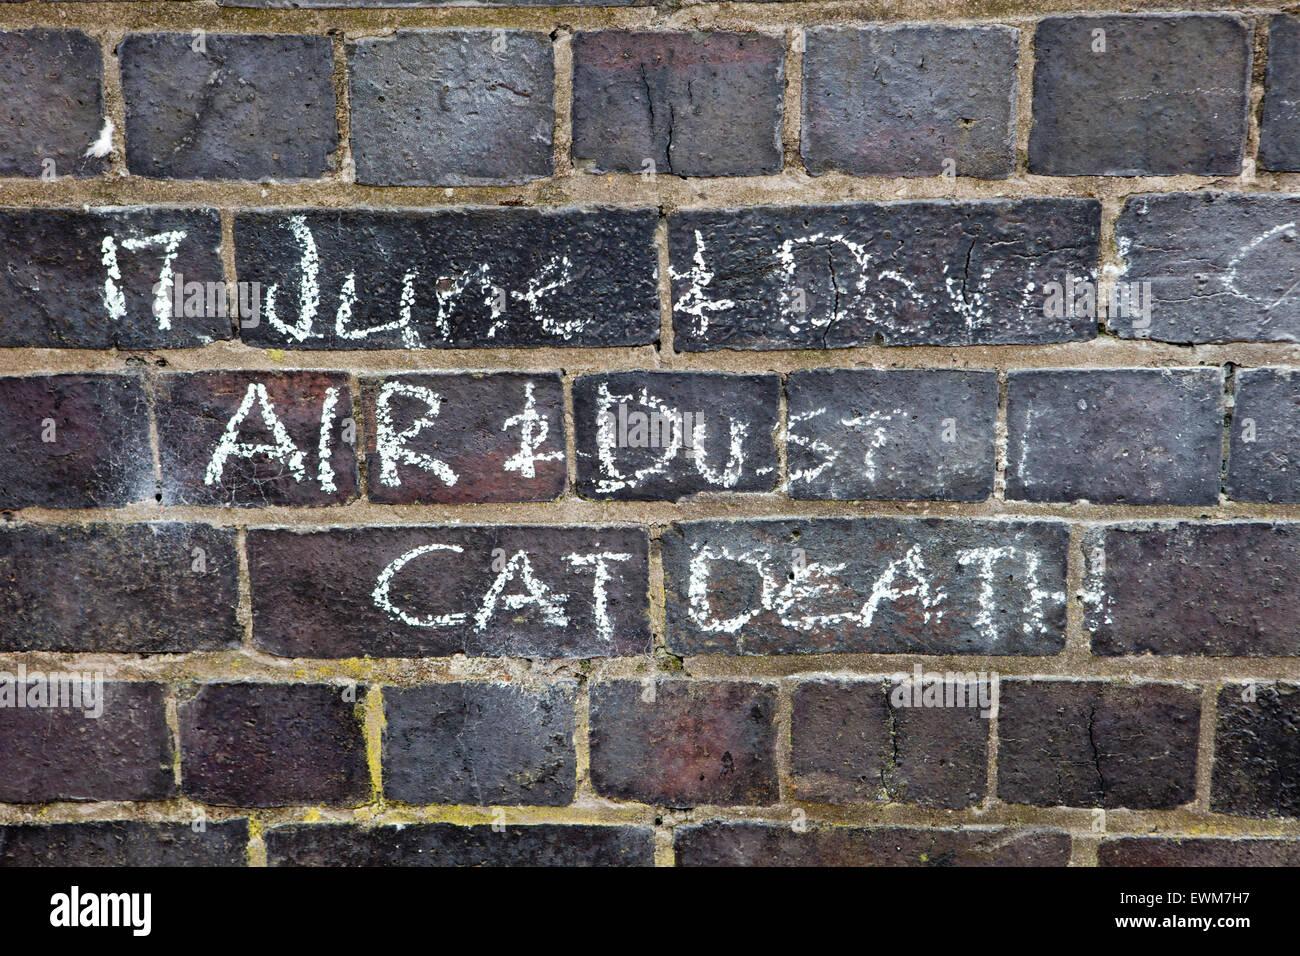 Mauer der Erinnerung, die Liste der Toten, verletzten & krank, leiden an Krankheiten, die angeblich darauf zurückzuführen Stockbild